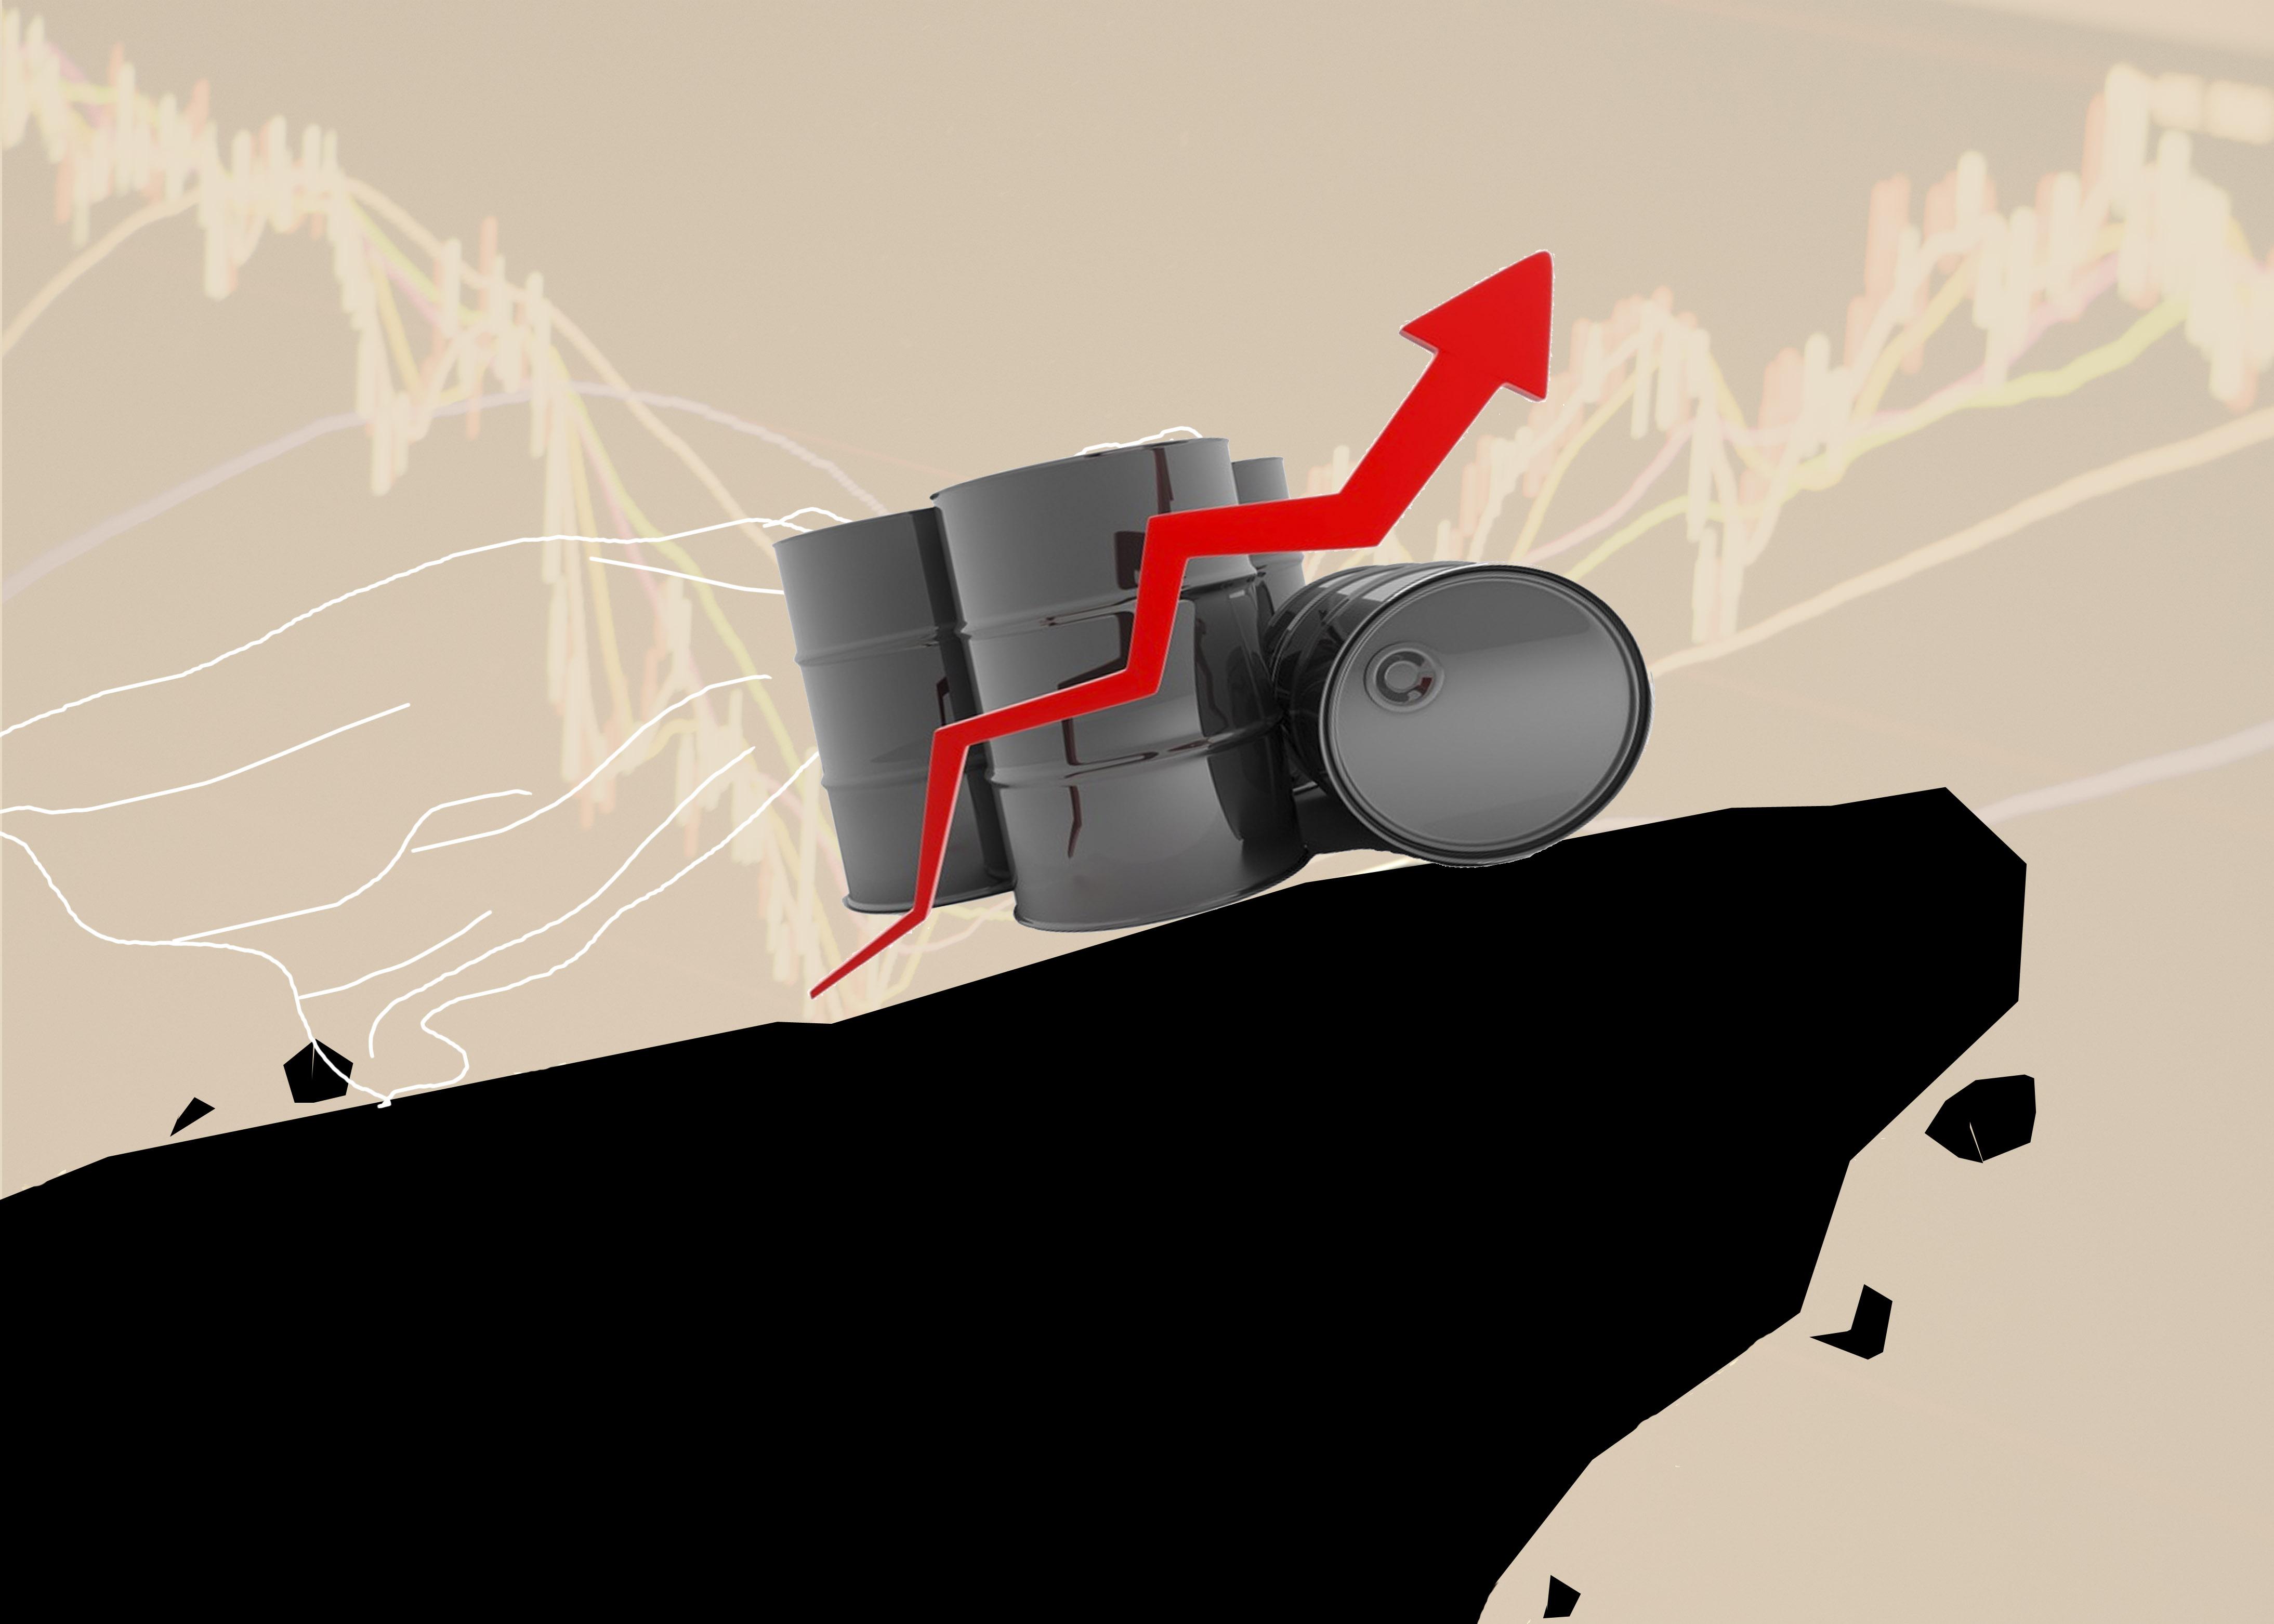 需求增供应降  原油收盘价格上涨